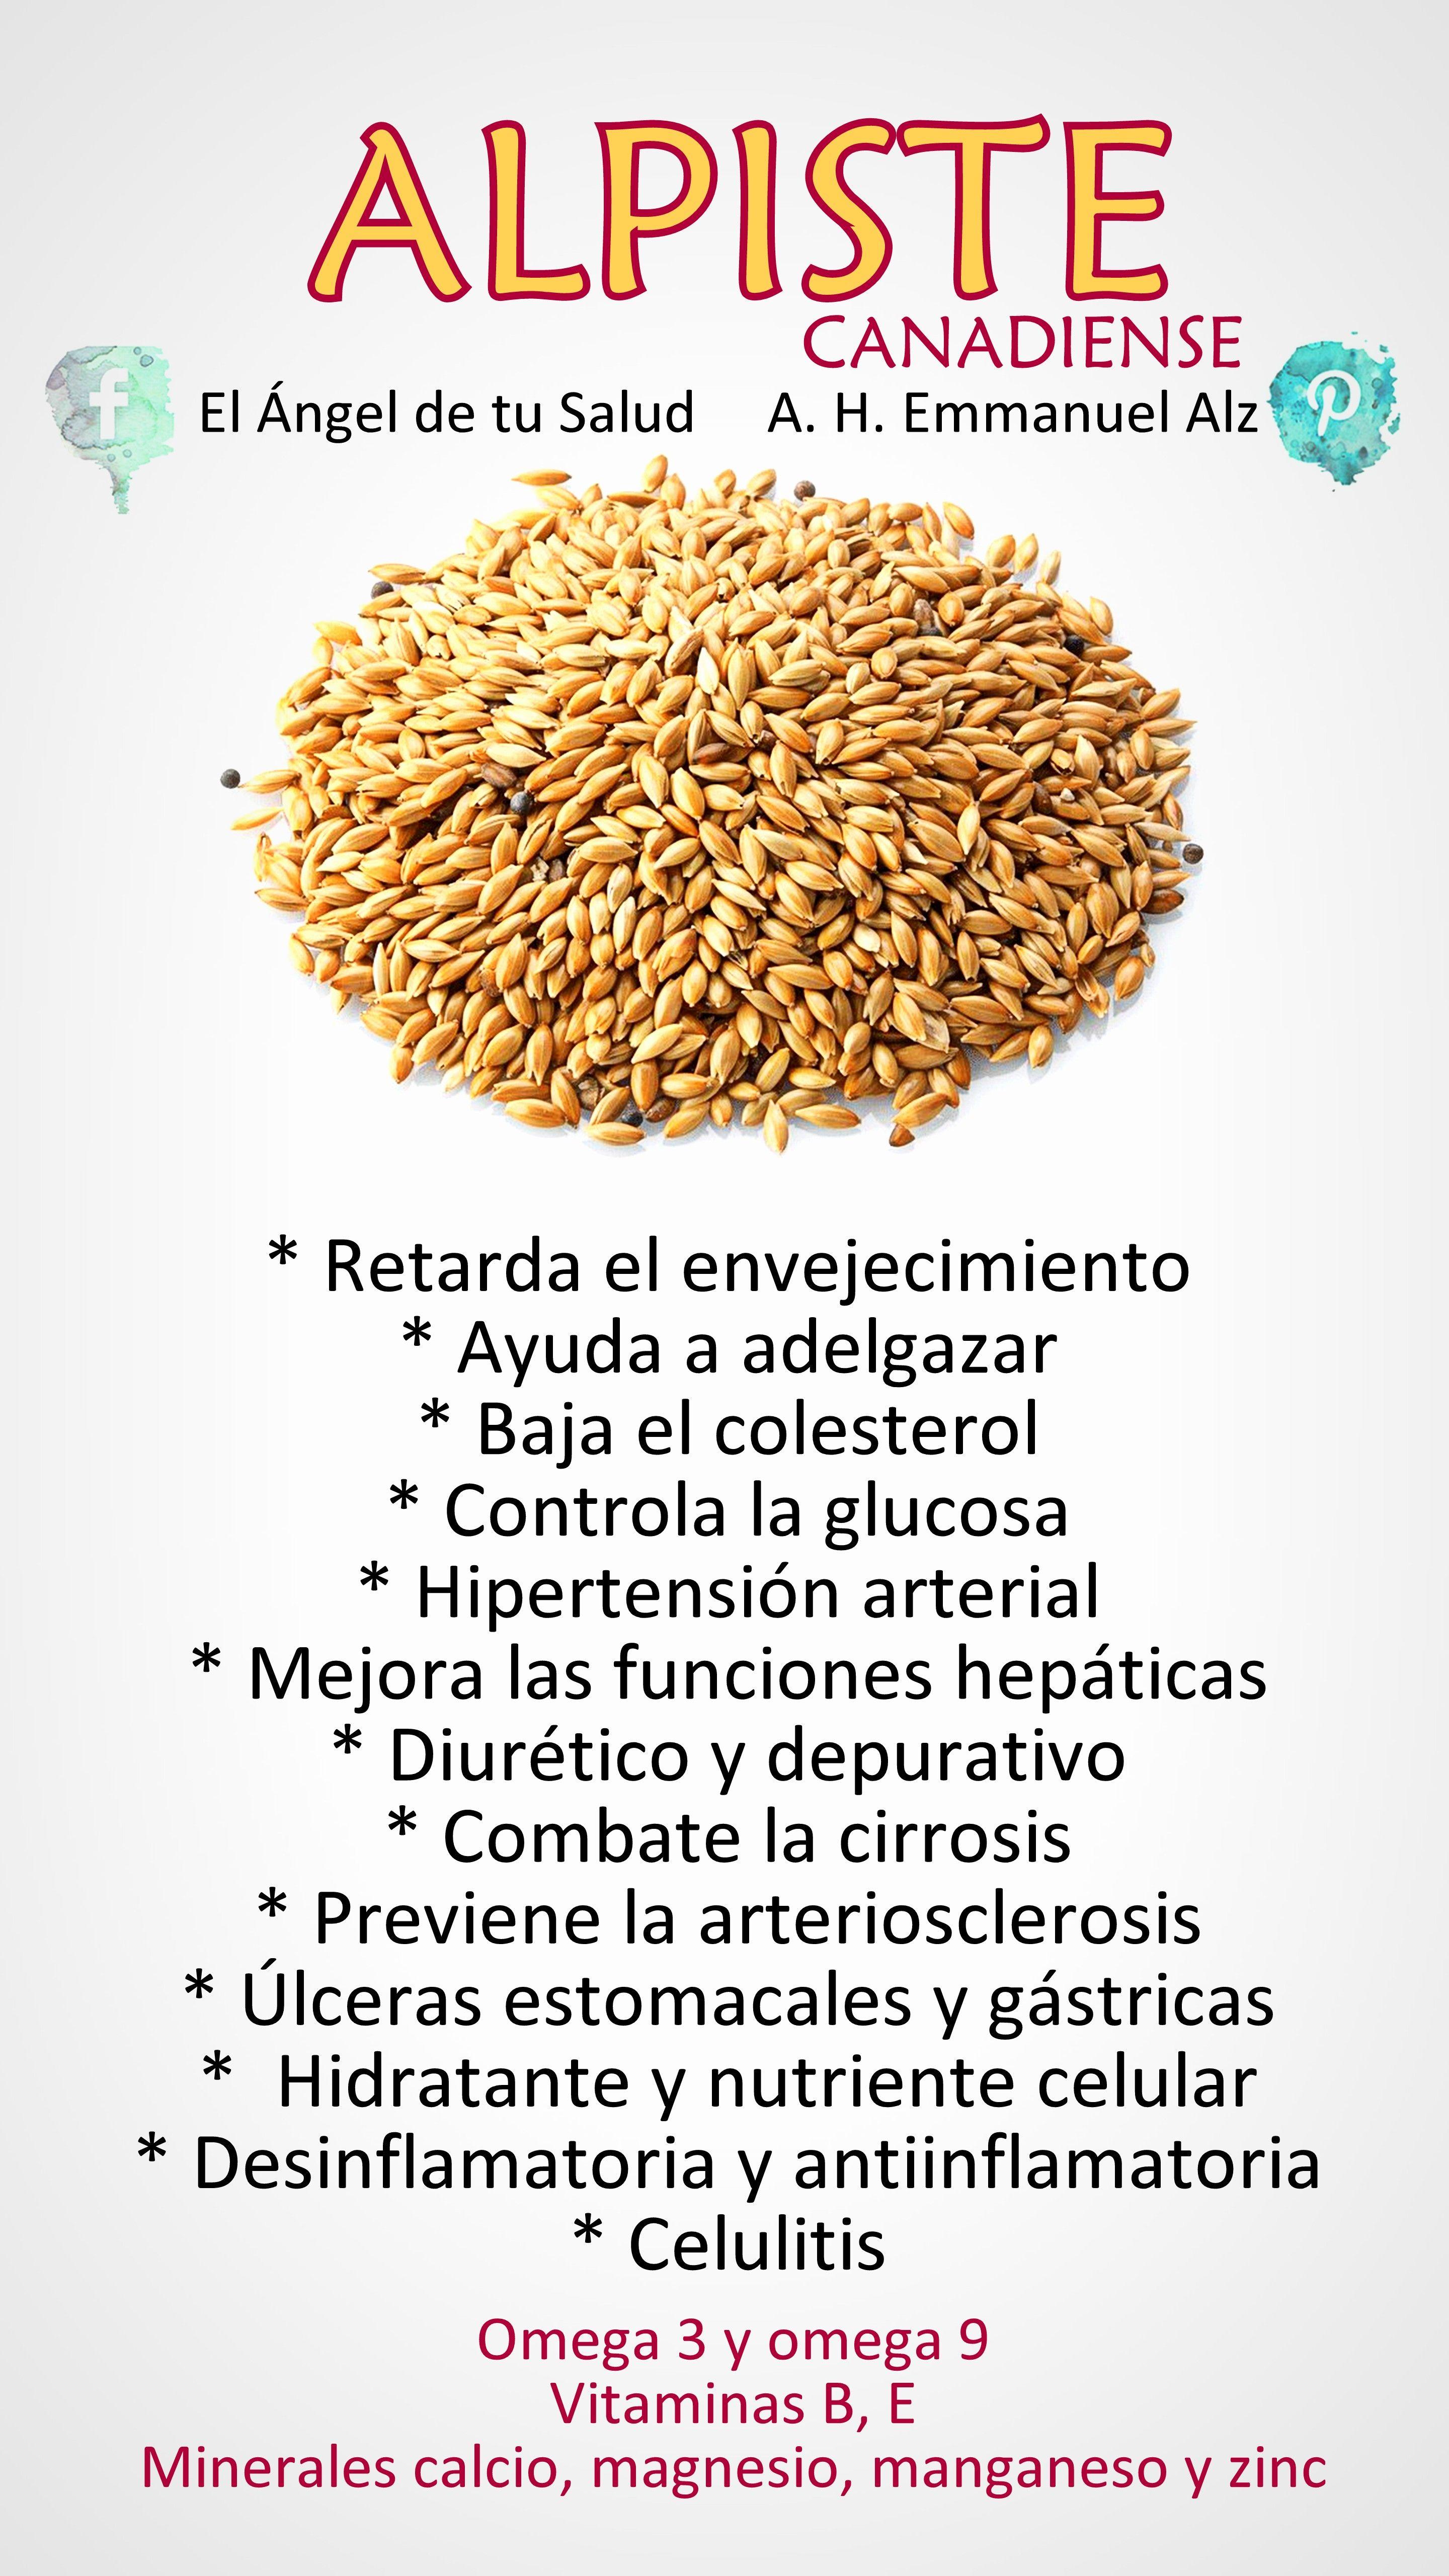 Beneficios Del Alpiste Canadiense Plantasmedicinales Naturales